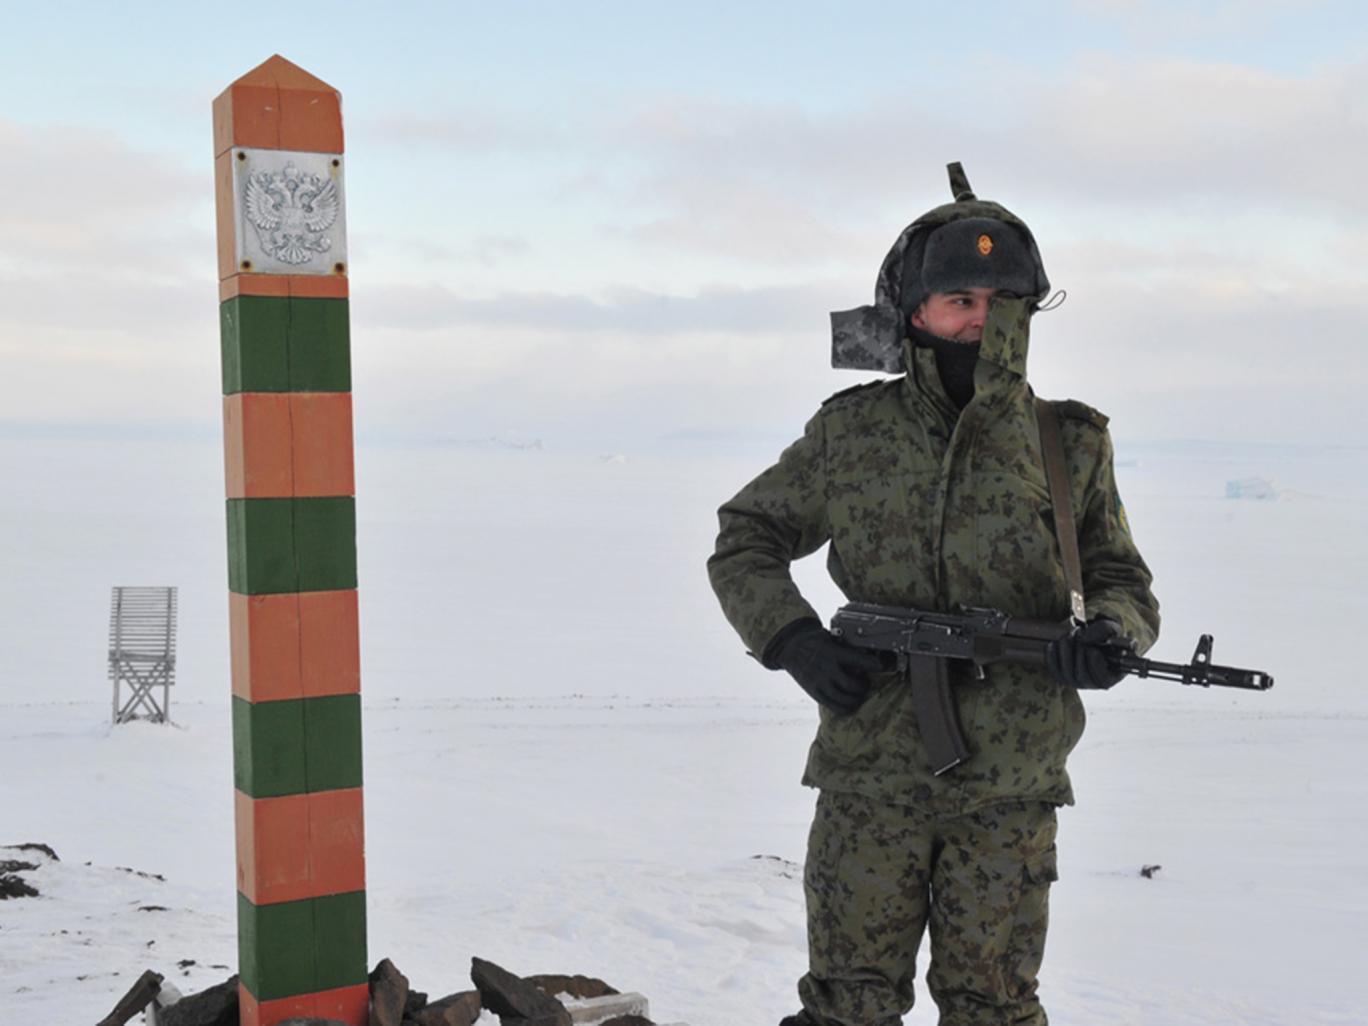 Phát hiện căn cứ bí mật của phát xít Đức ở Bắc Cực - 1